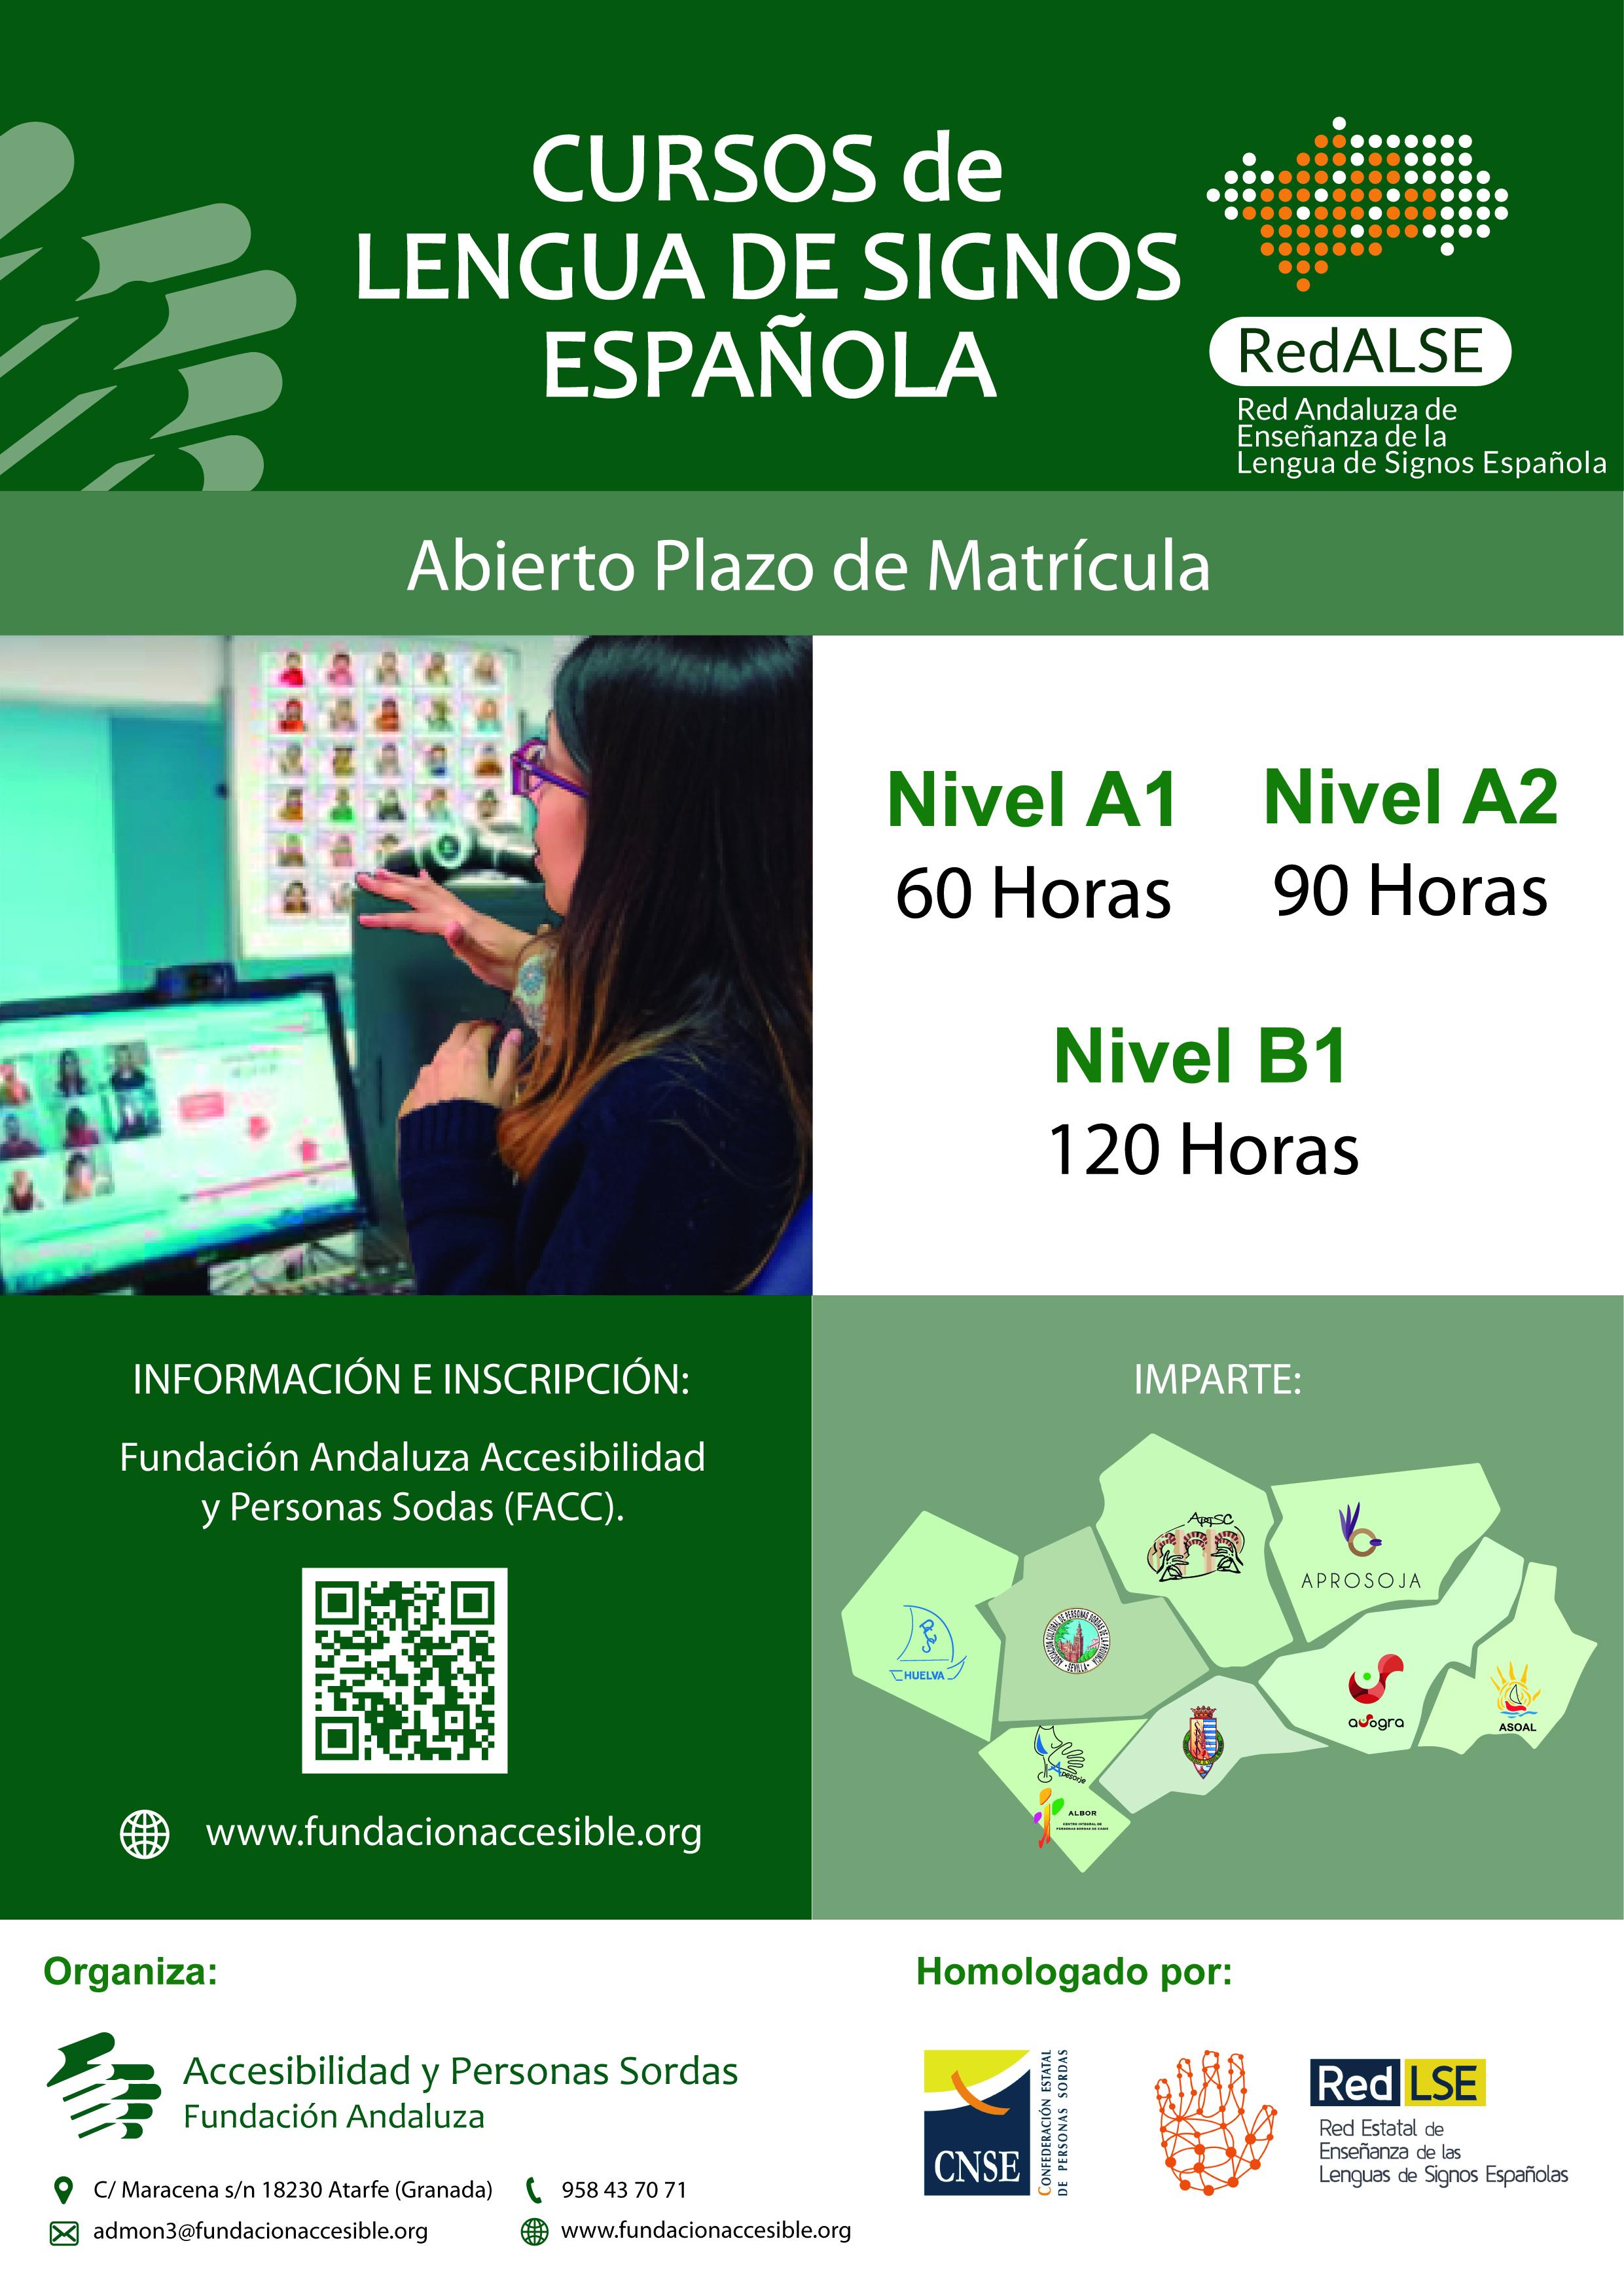 Curso De Lengua De Signos Espanola Usuario Basico A1 Fundacion Andaluza Accesibilidad Y Personas Sordas